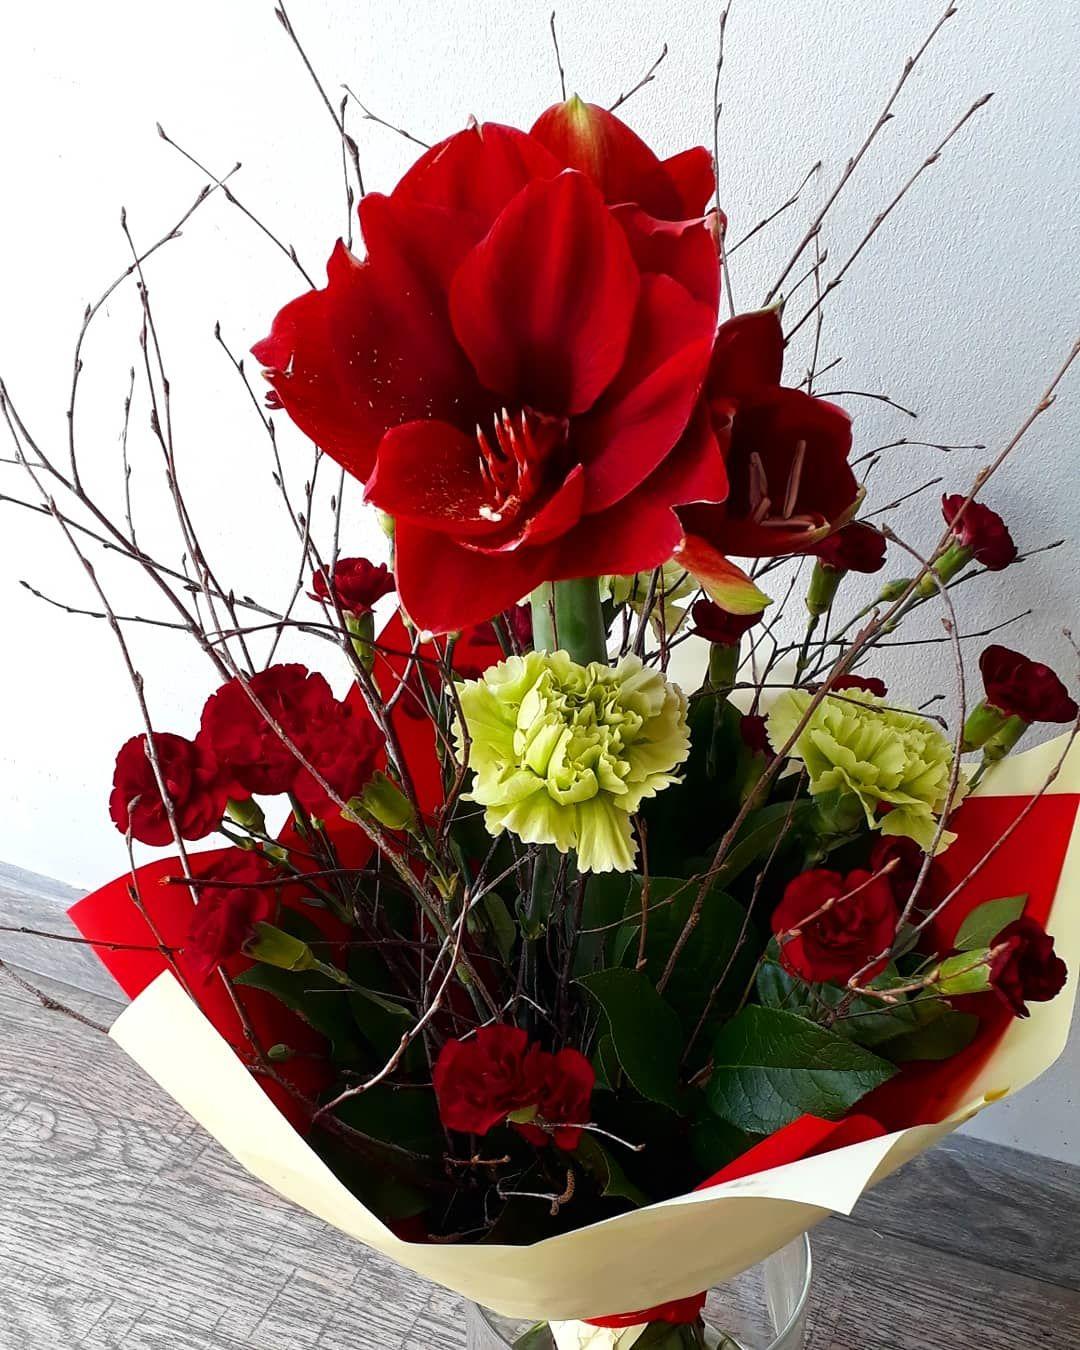 Bukiet Amarylis Gozdziki Flowers Plants